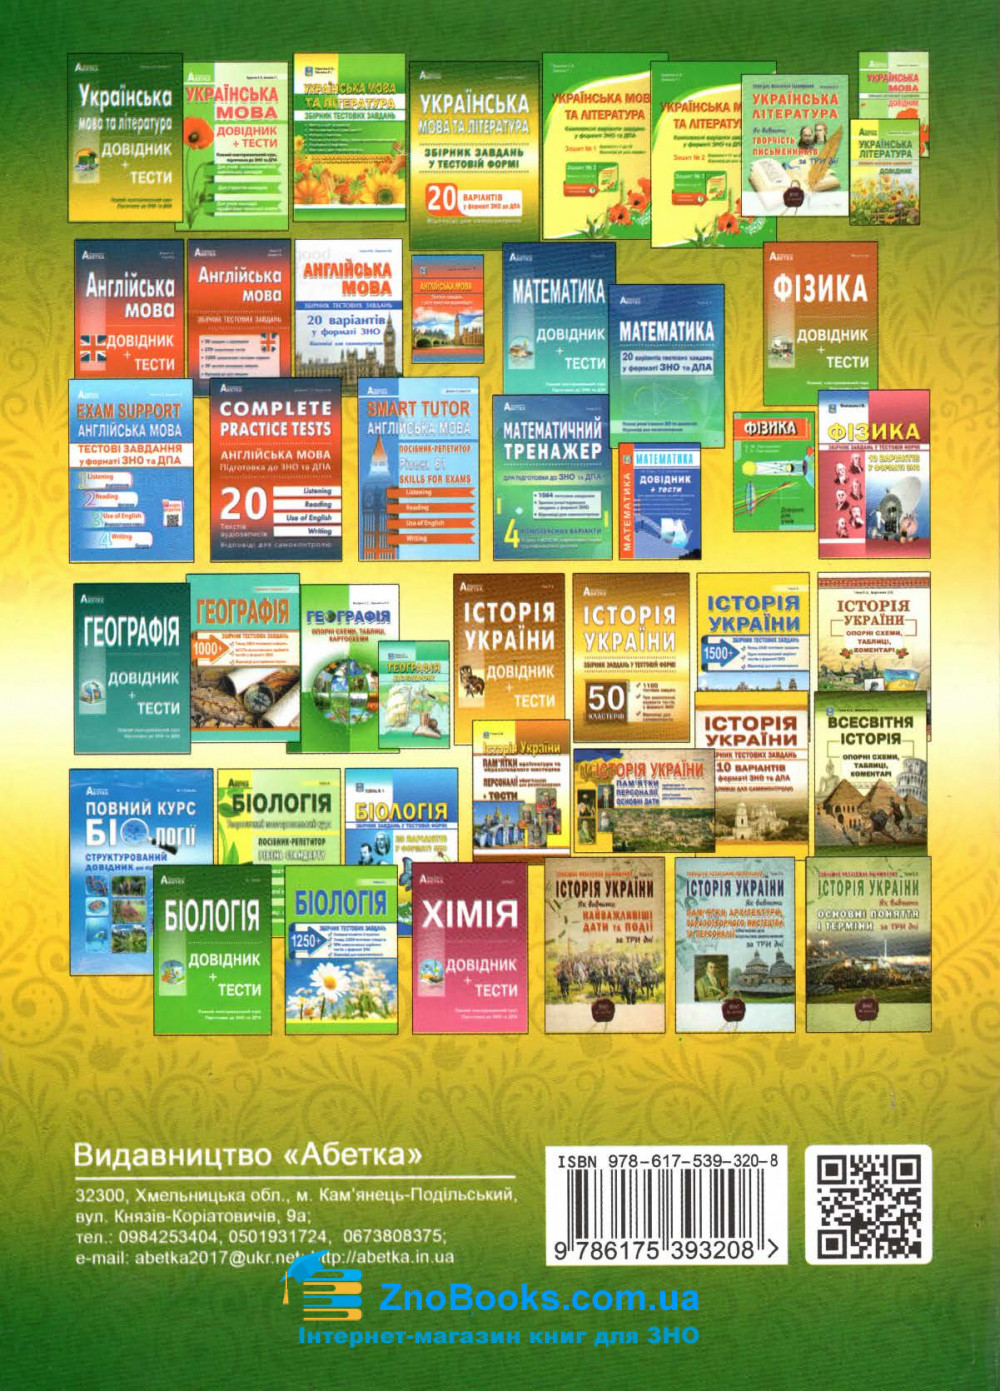 ЗНО 2021 Українська мова та література. Збірник завдань 20 варіантів: Куриліна О. Абетка 9